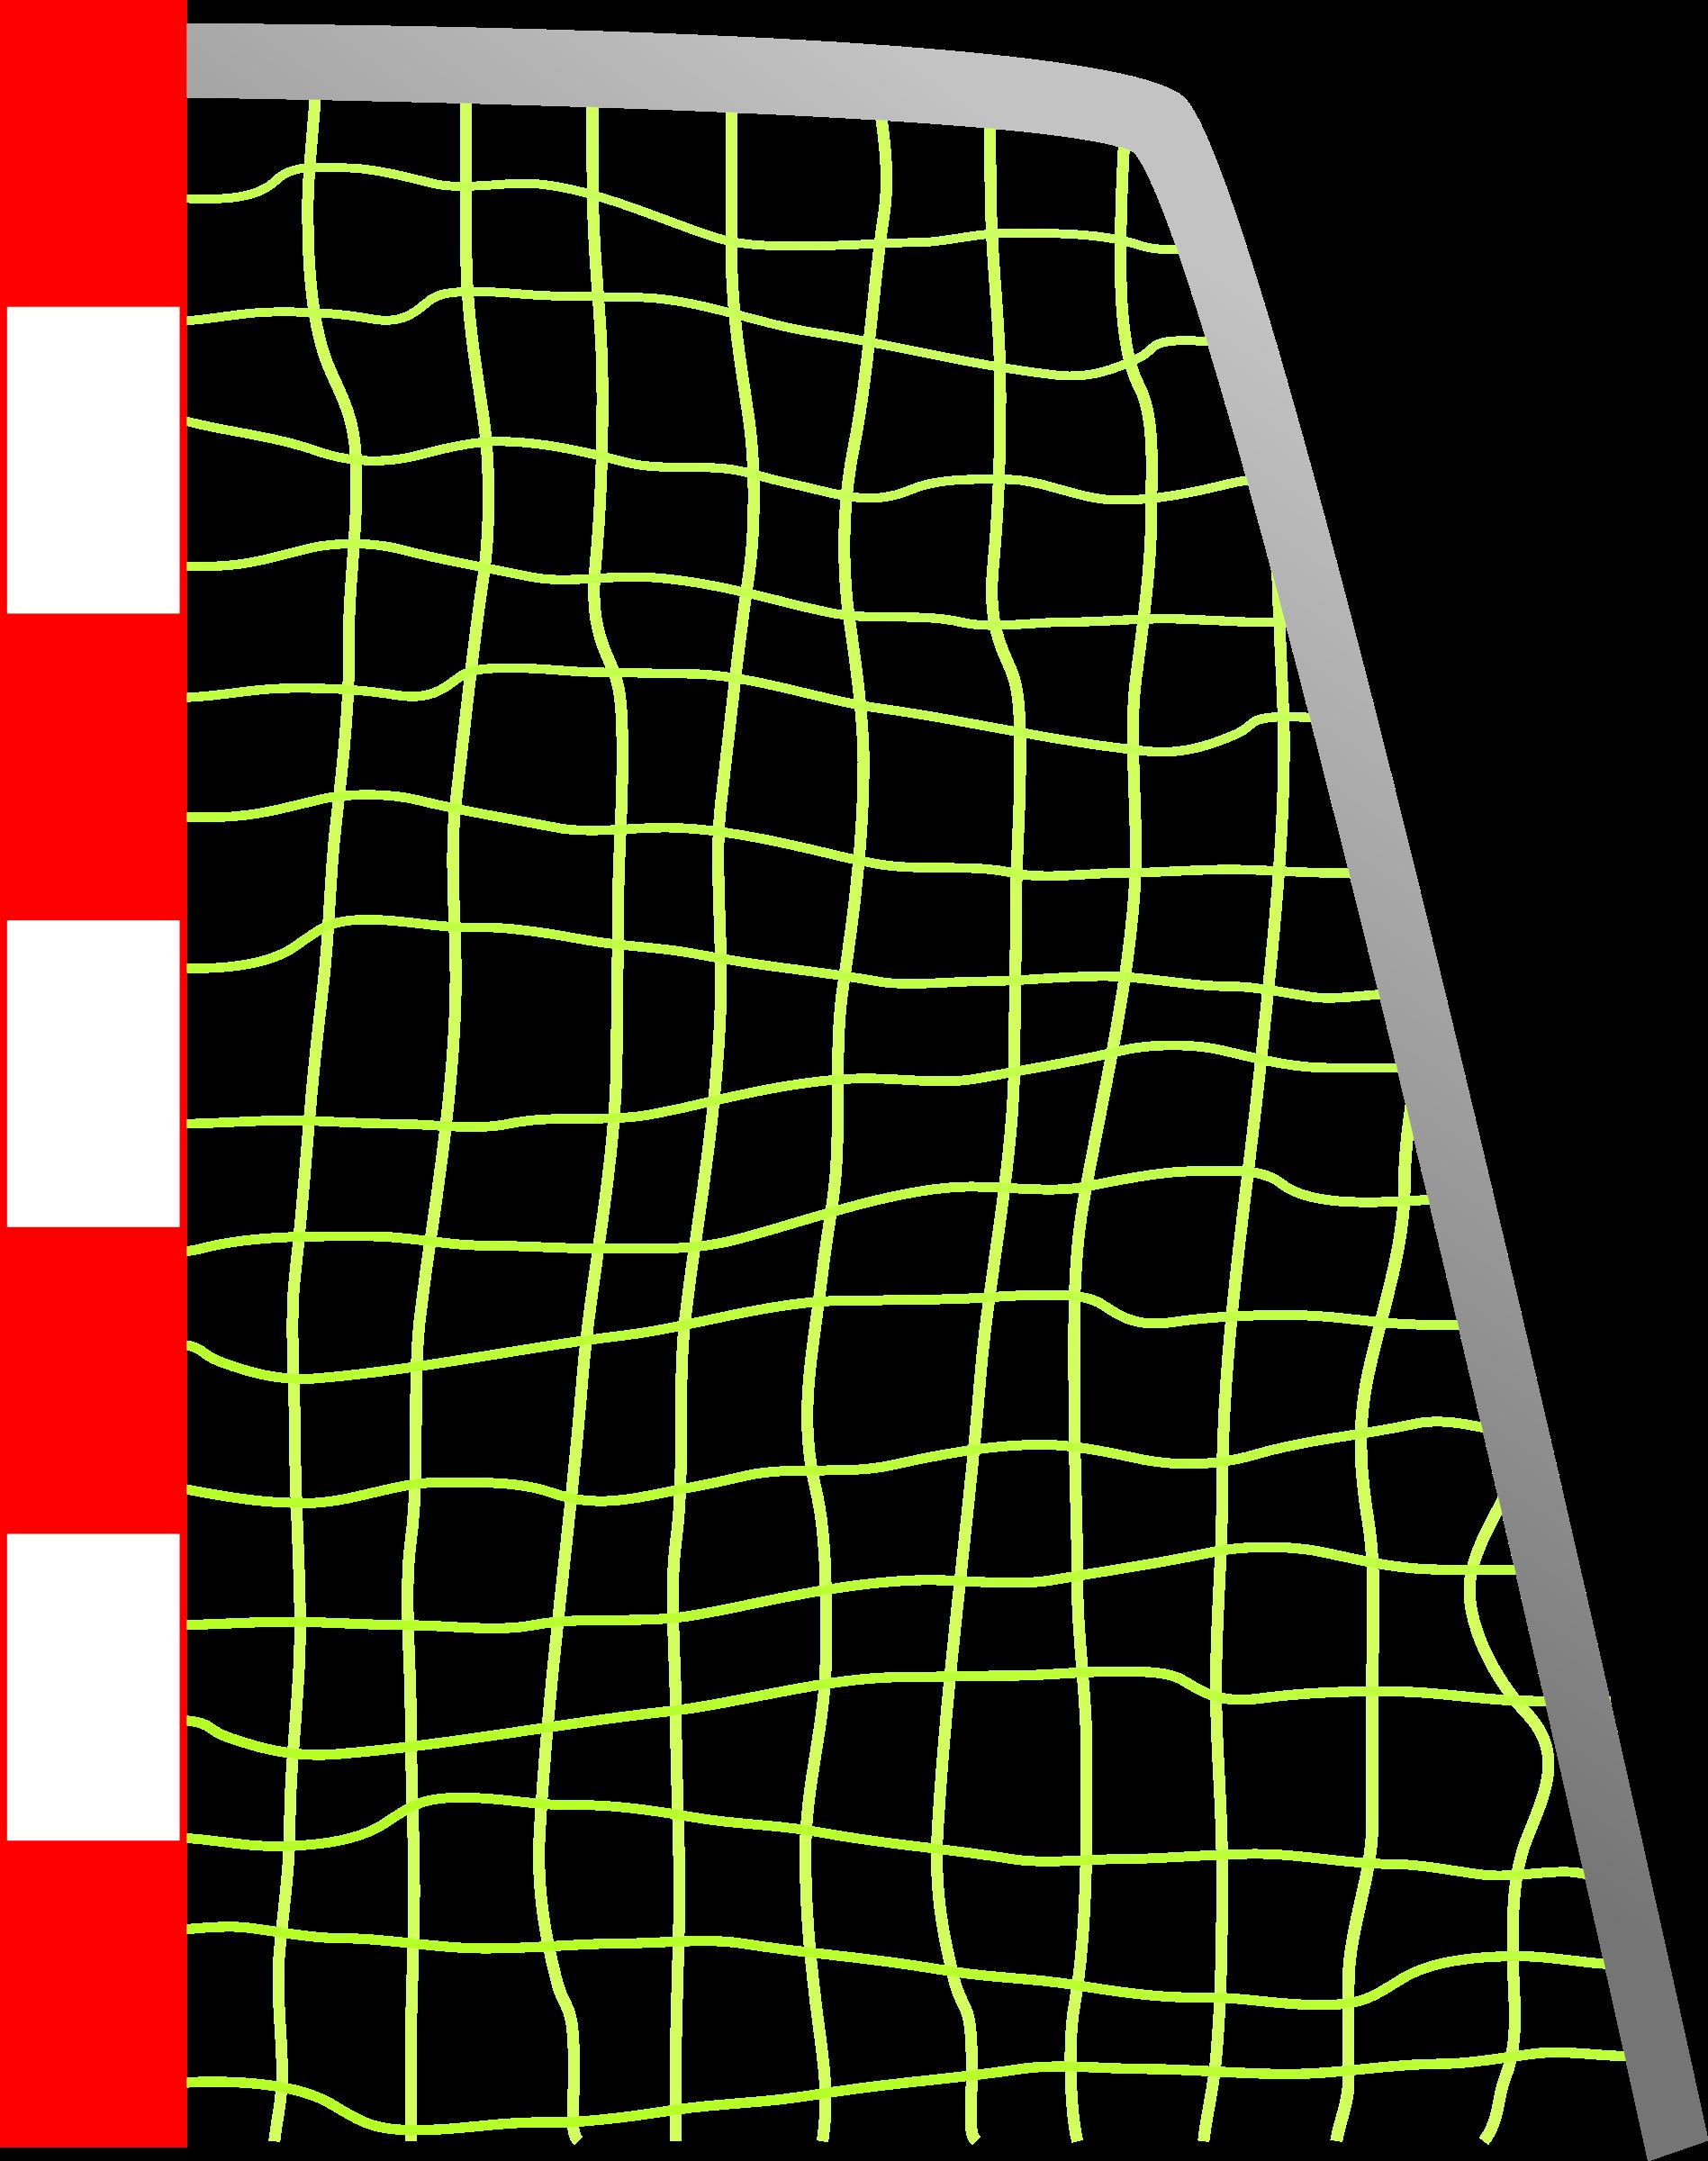 jpg freeuse Big image png. Goal clipart indoor soccer